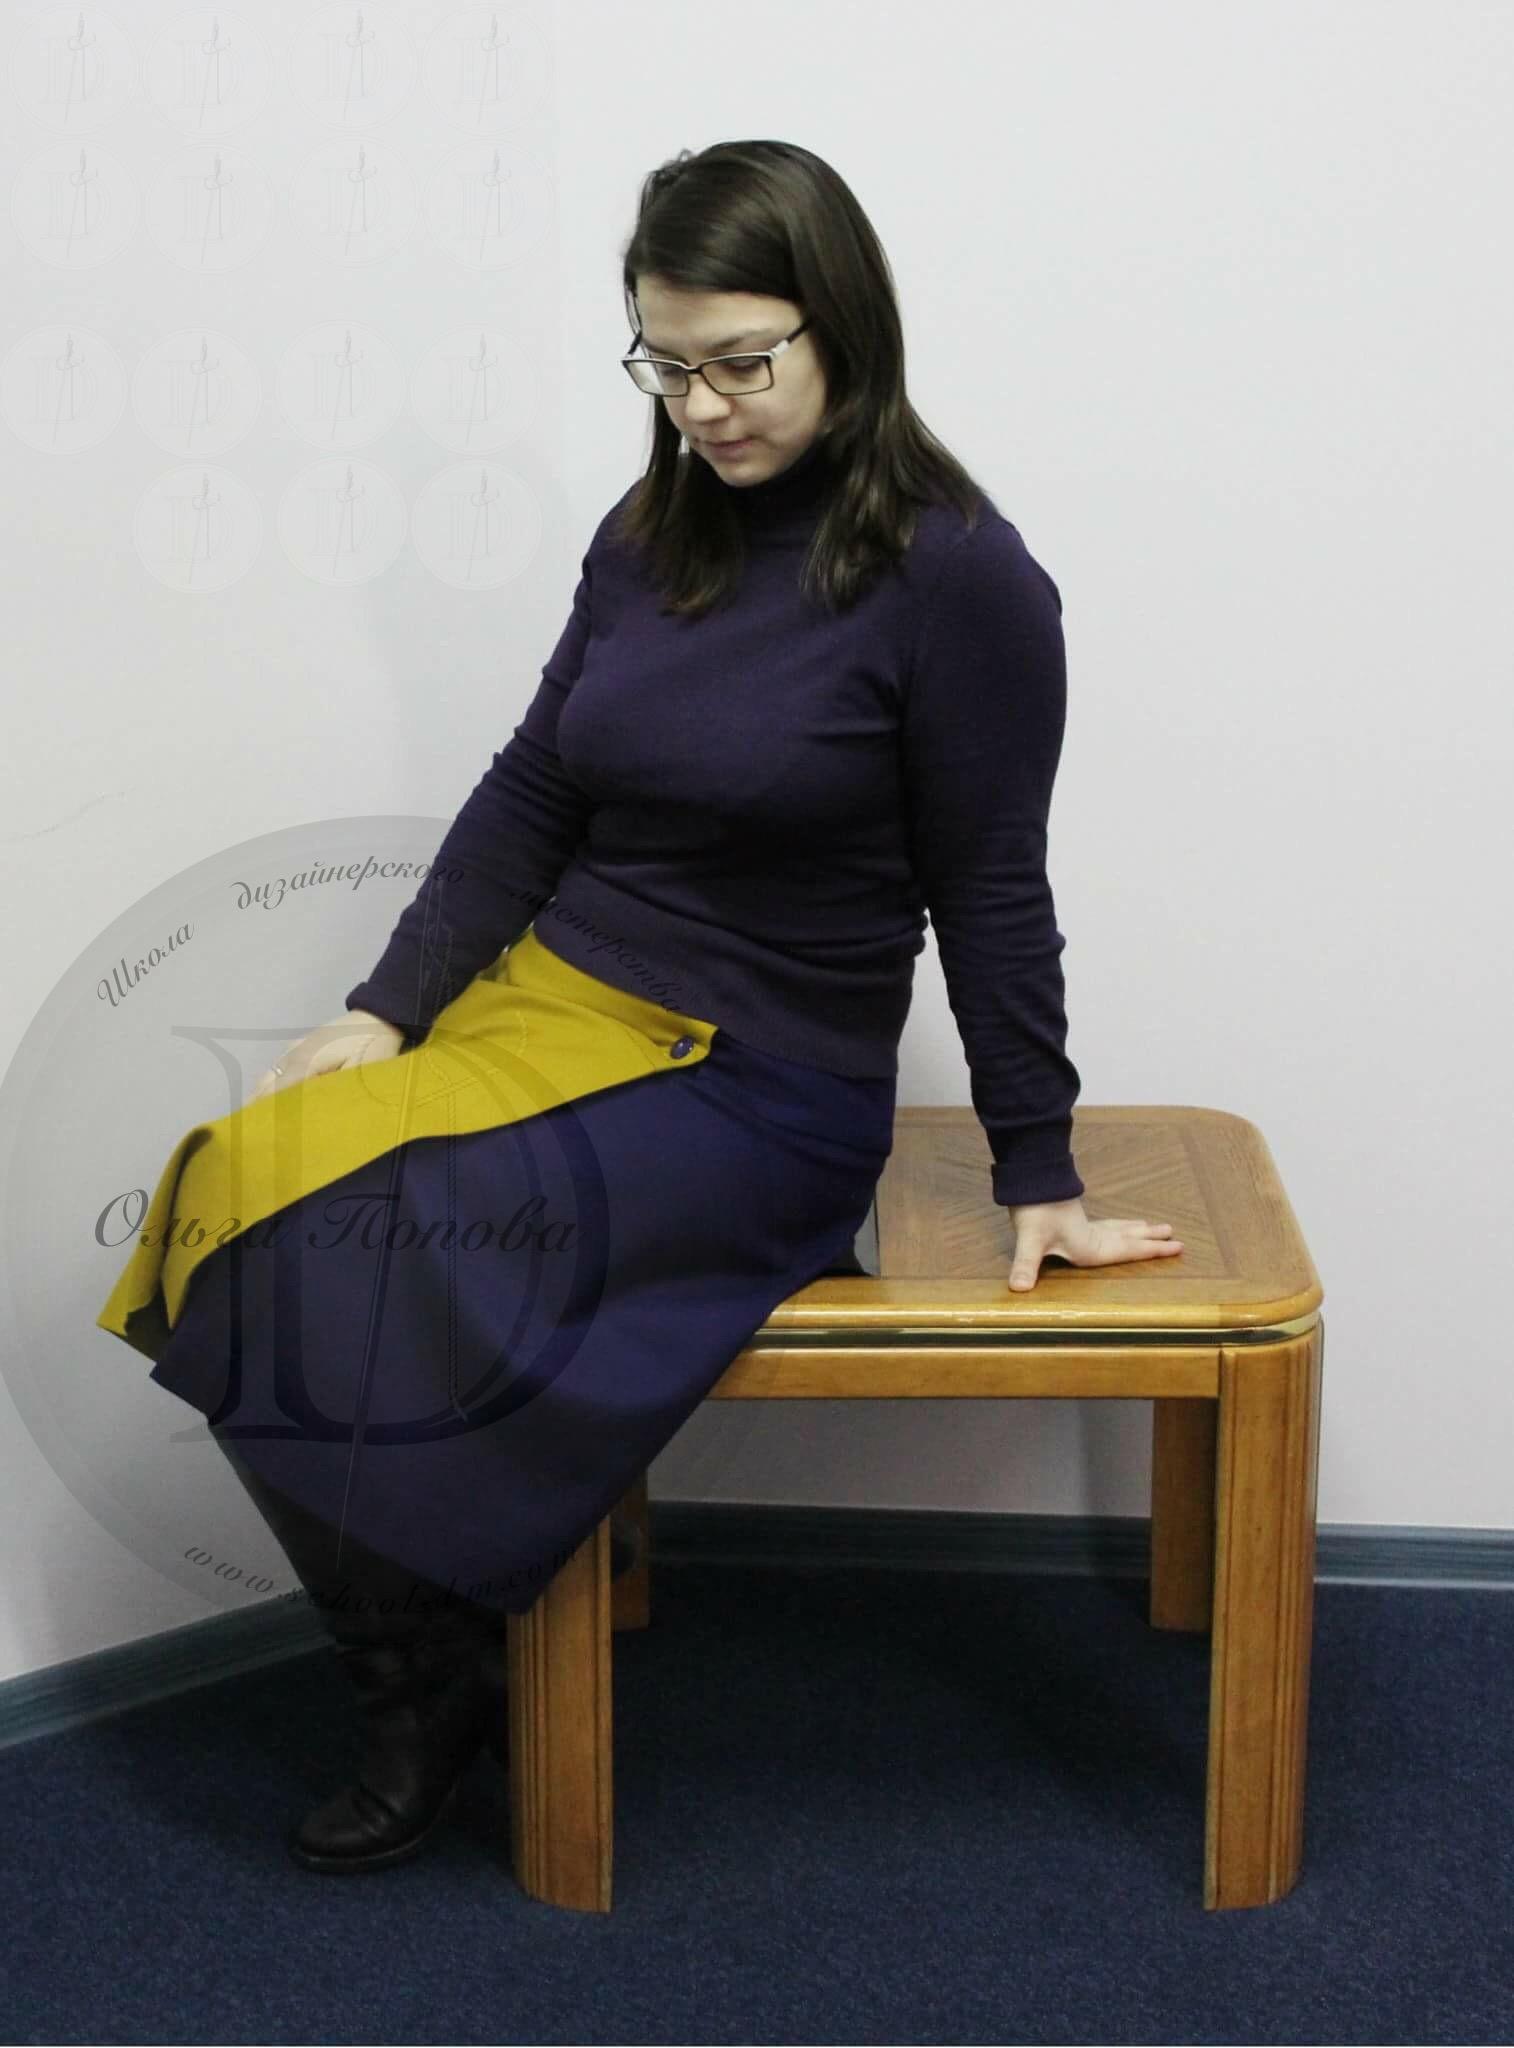 Шить юбку, курсы шитья, школа дизайнерского мастерства